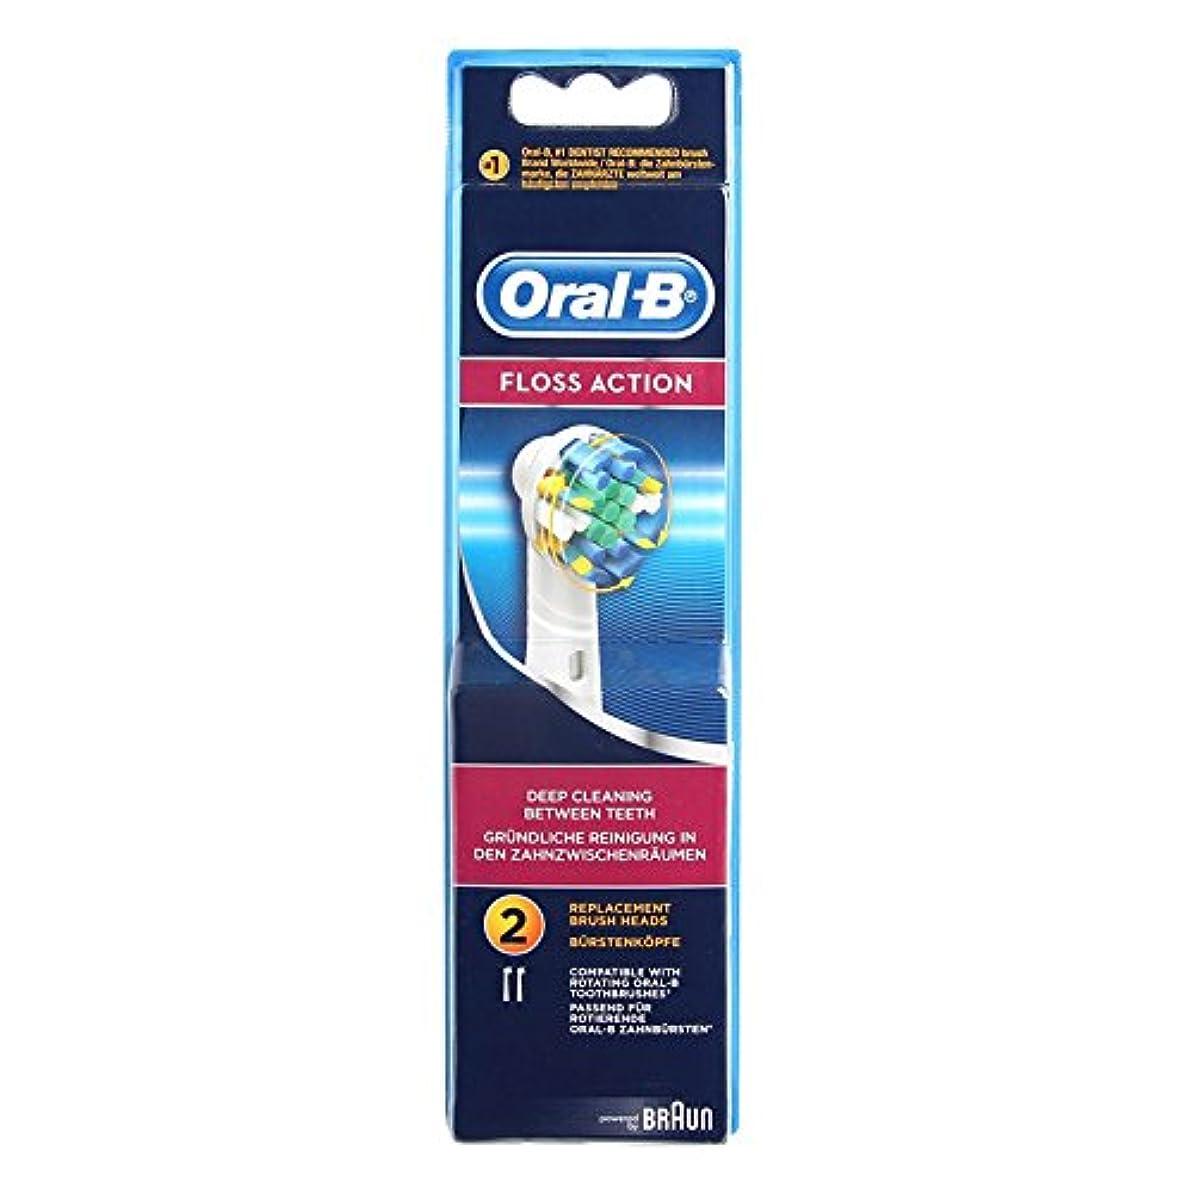 女優大学院シェトランド諸島Braun Oral-B EB25-2 Floss Action 交換式充電式歯ブラシヘッド 1Pack [並行輸入品]